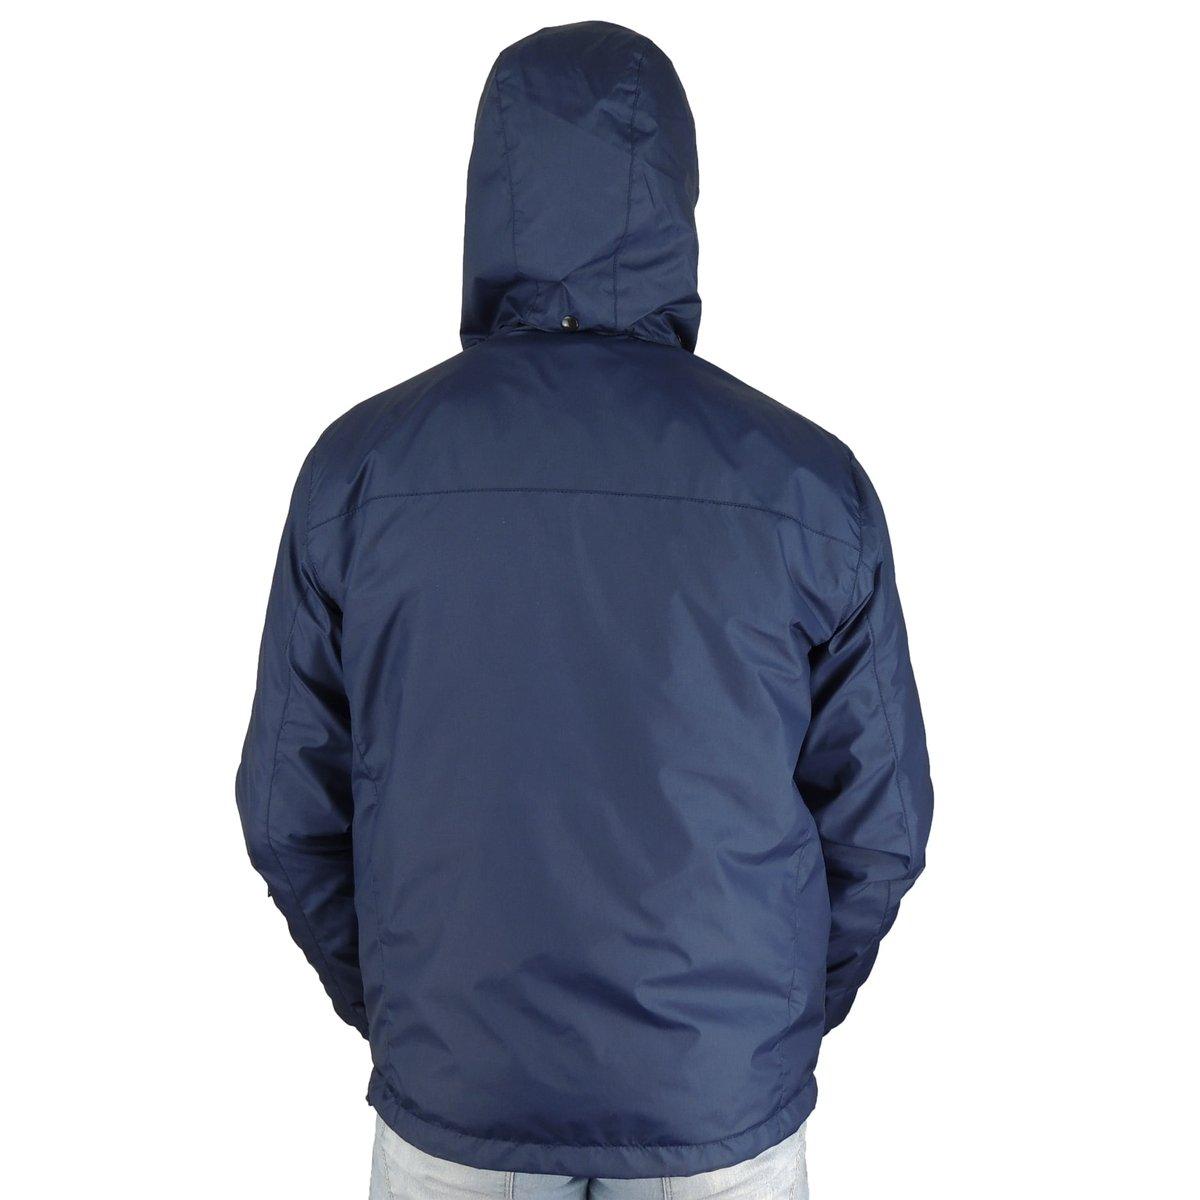 Casaco Térmico Masculino 3 em 1 Mountain Creek - Azul Escuro ... 0755c2221efa3